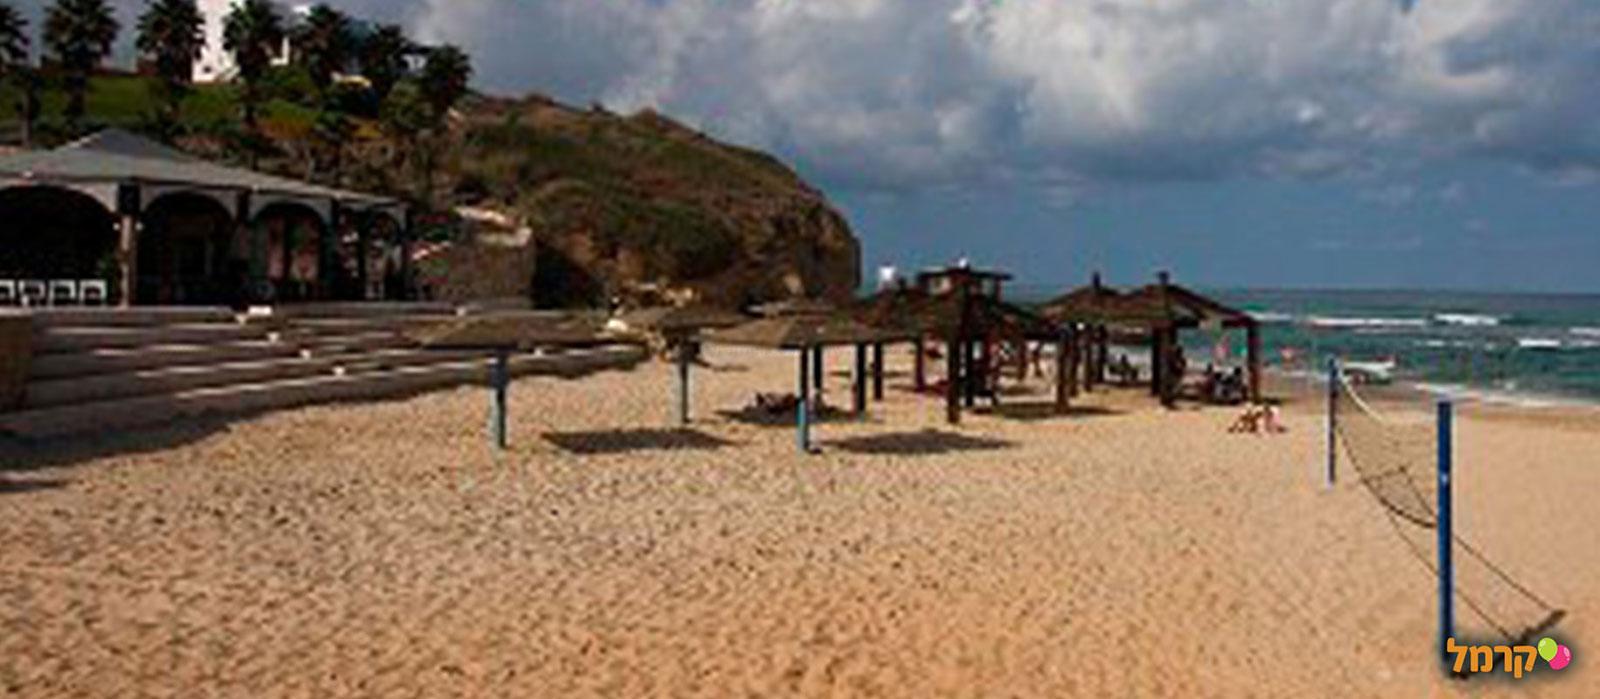 ספא כפר הים - מקום מפנק - 073-7590508